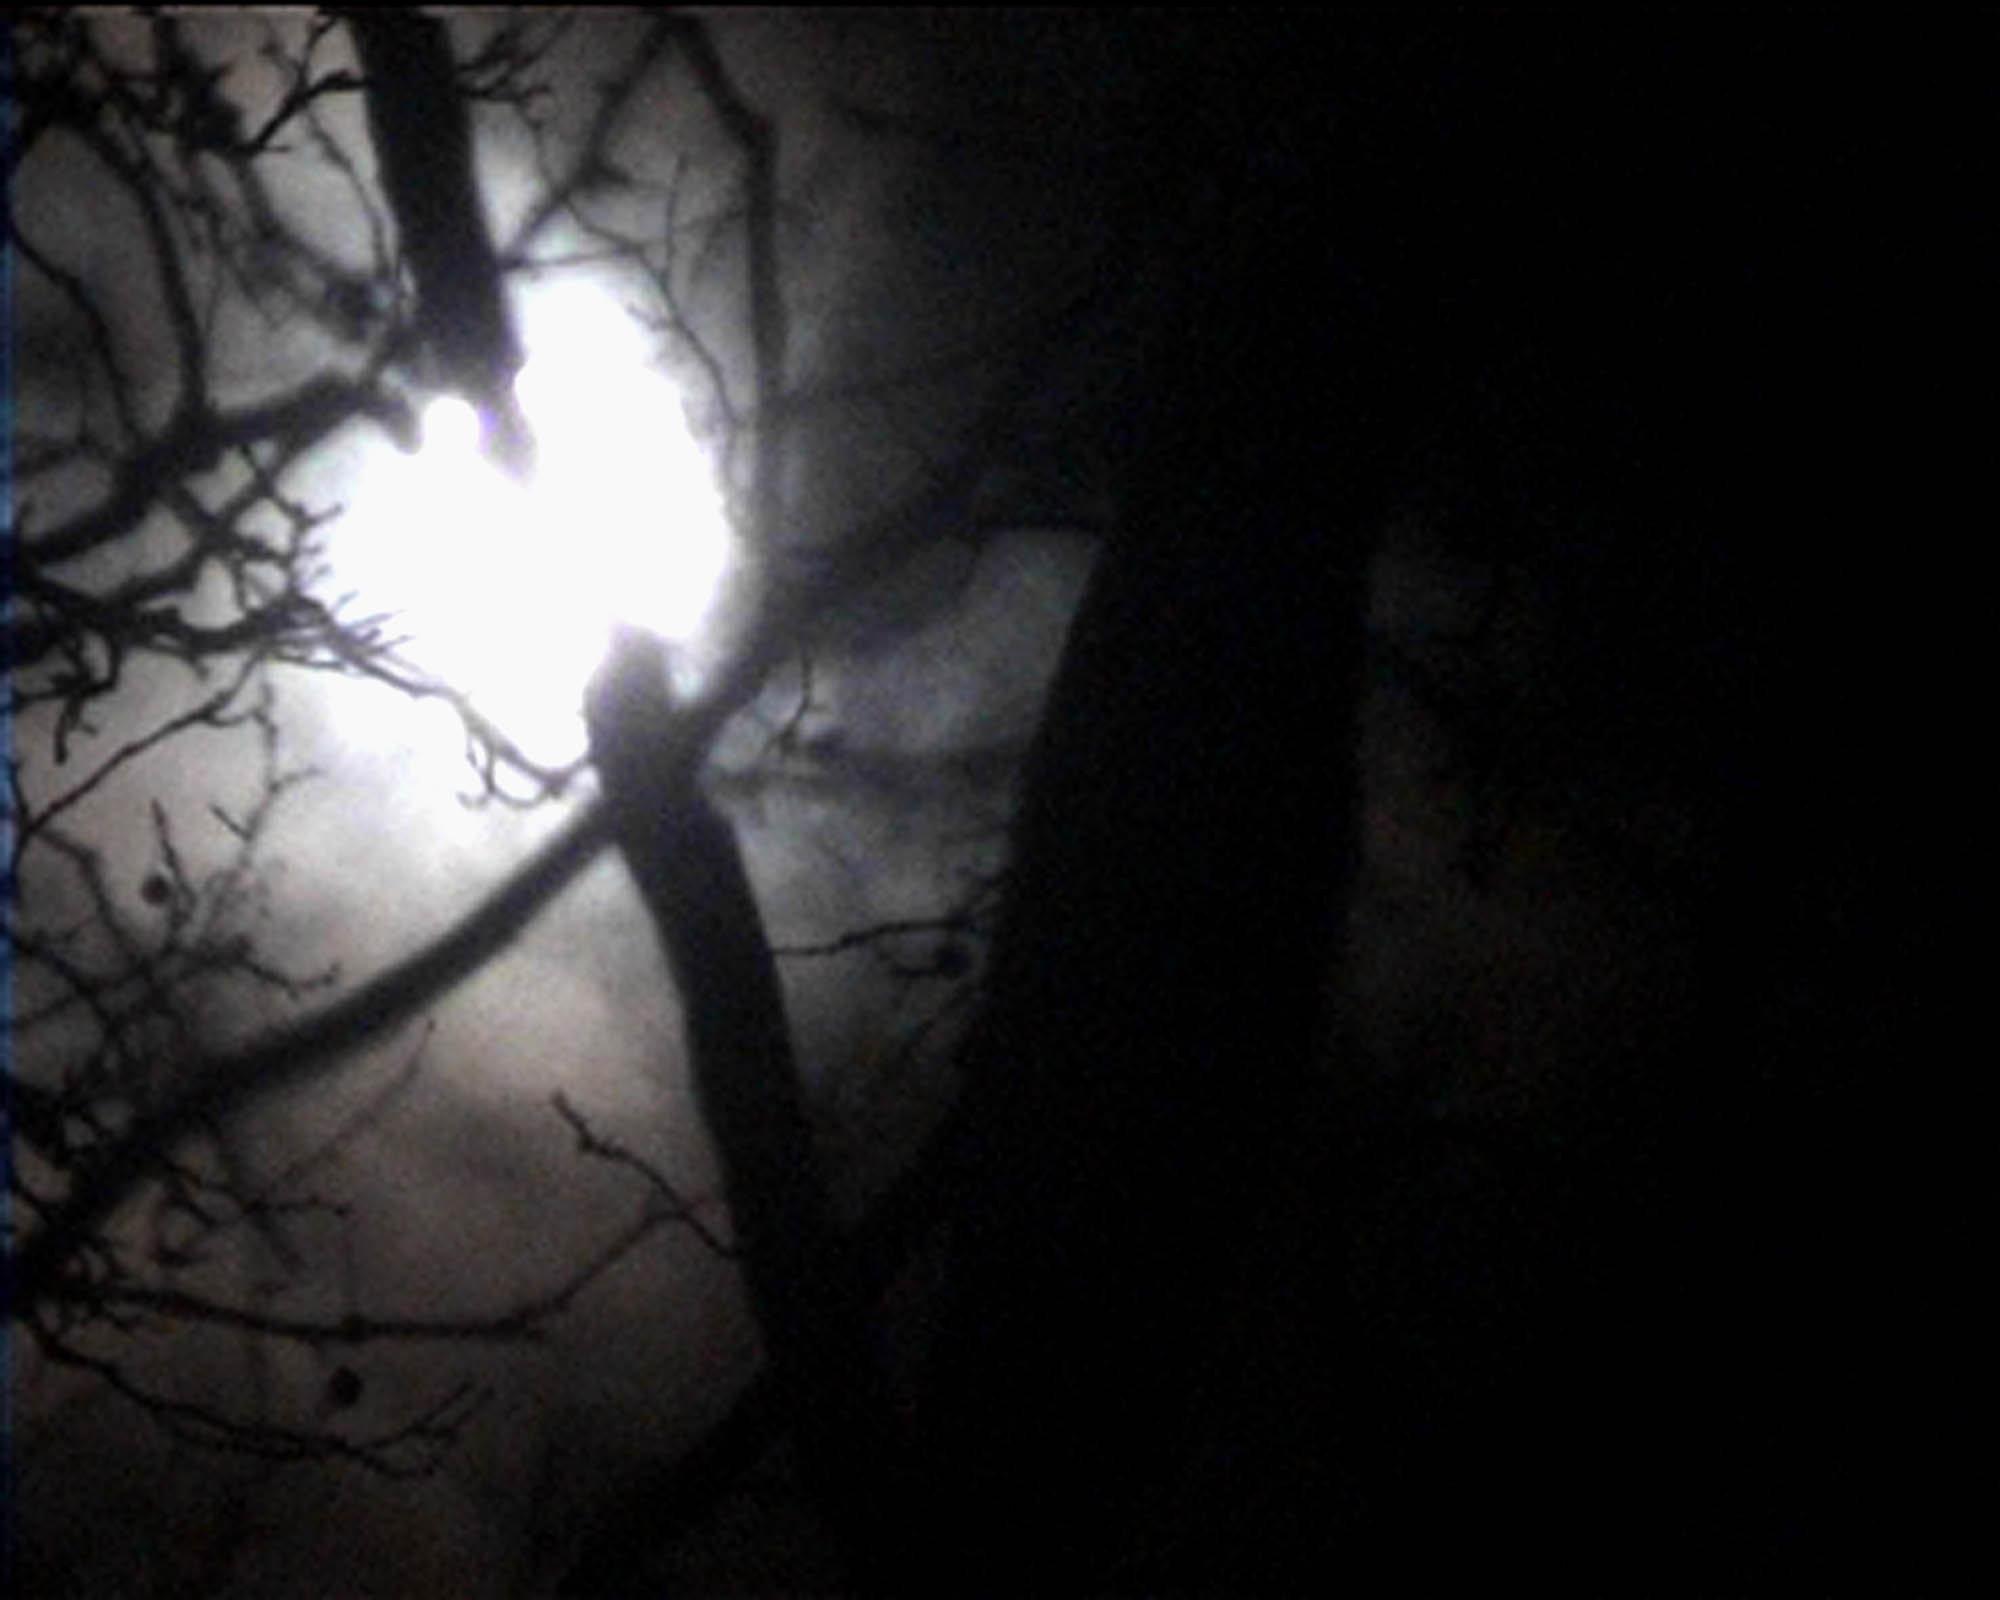 Nan Hoover La Luna 2002 (2 of 2)